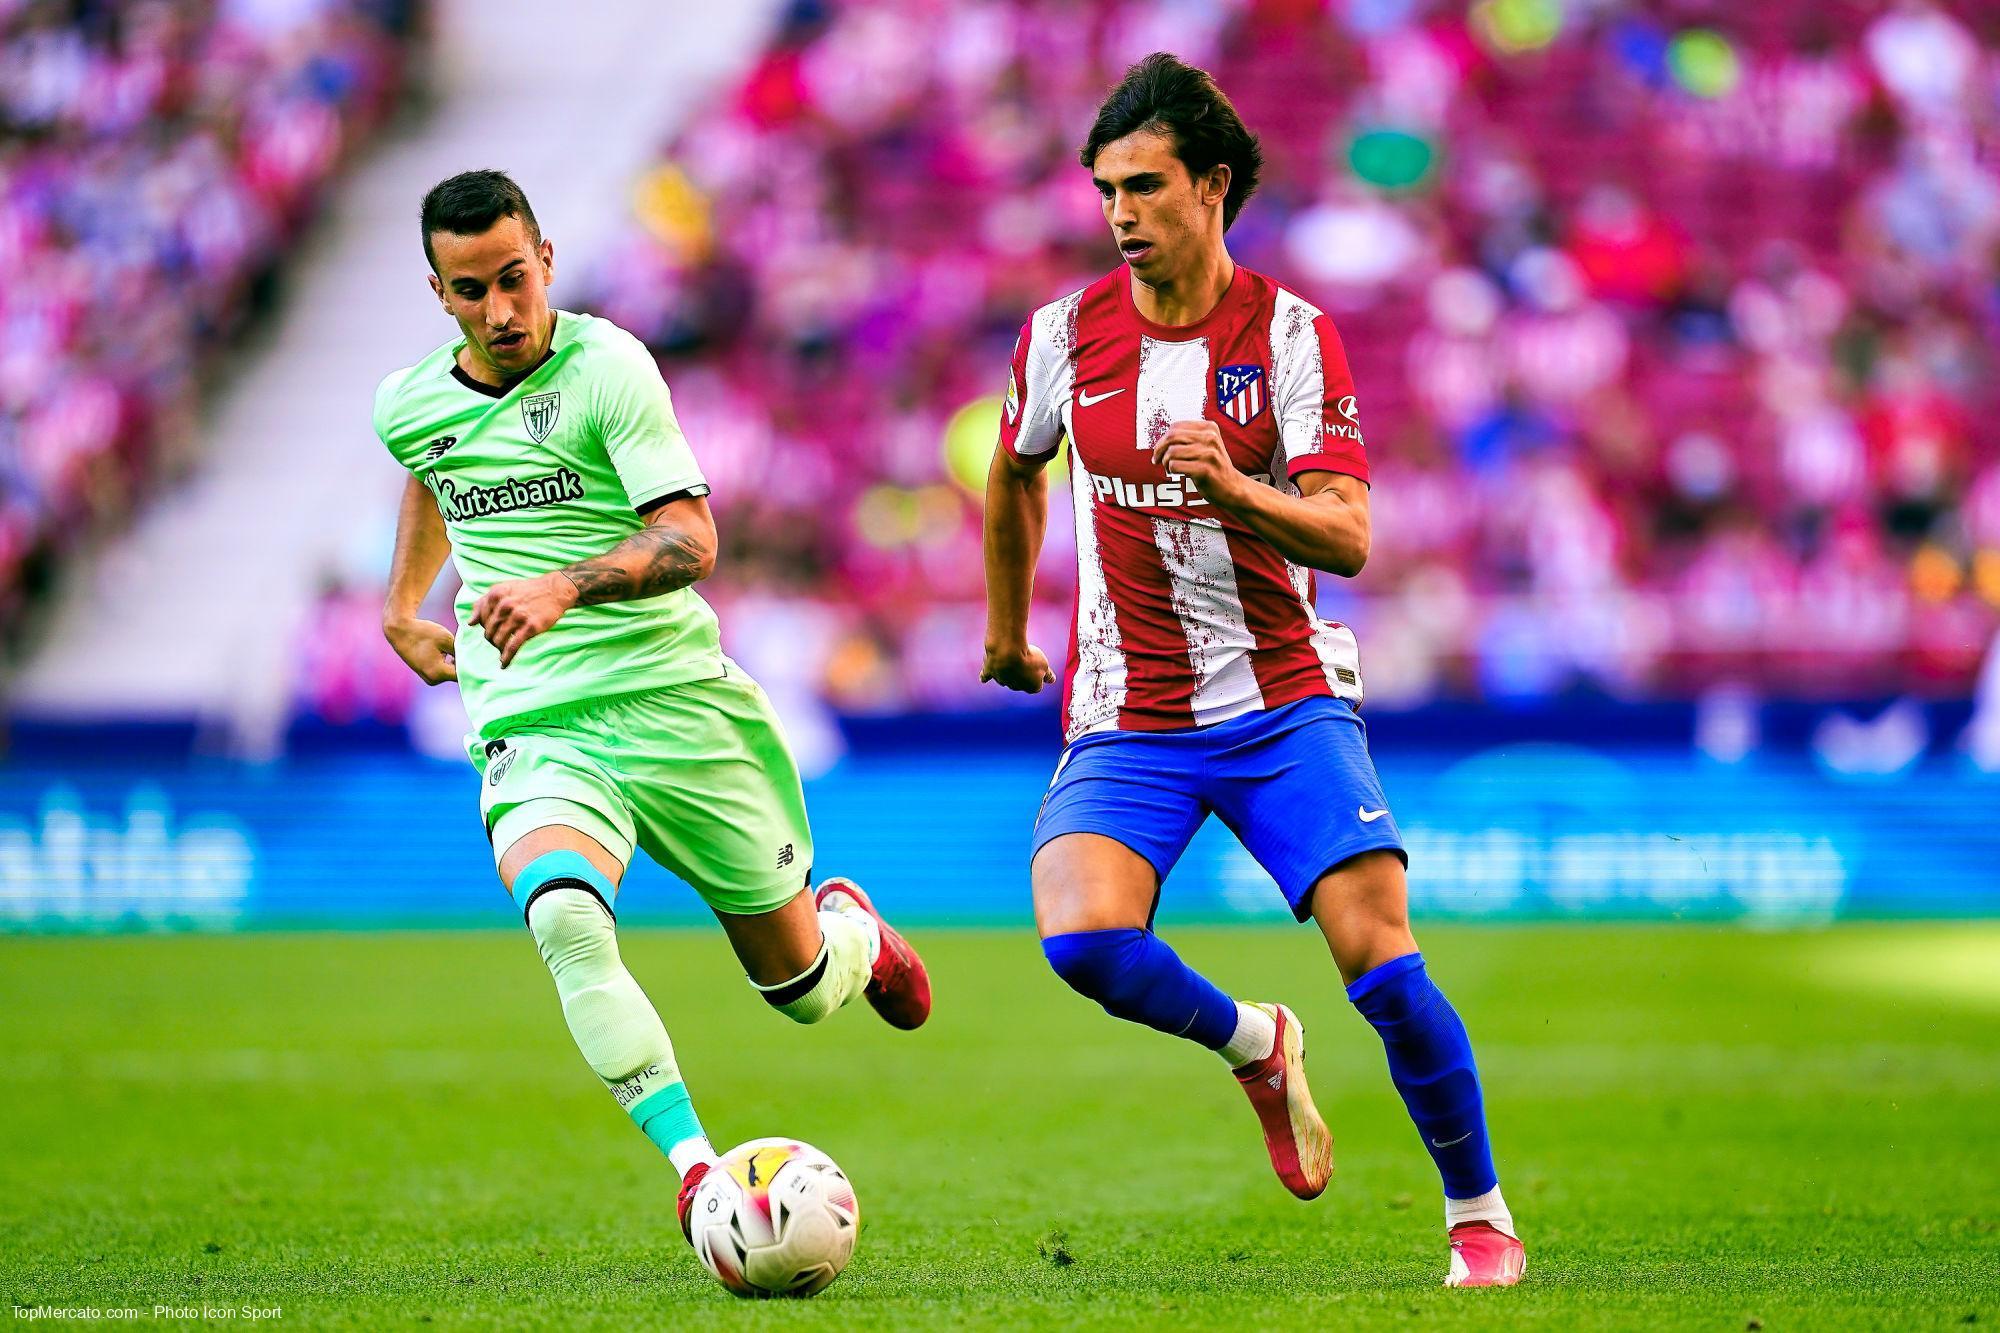 Joao Felix, Atlético Madrid